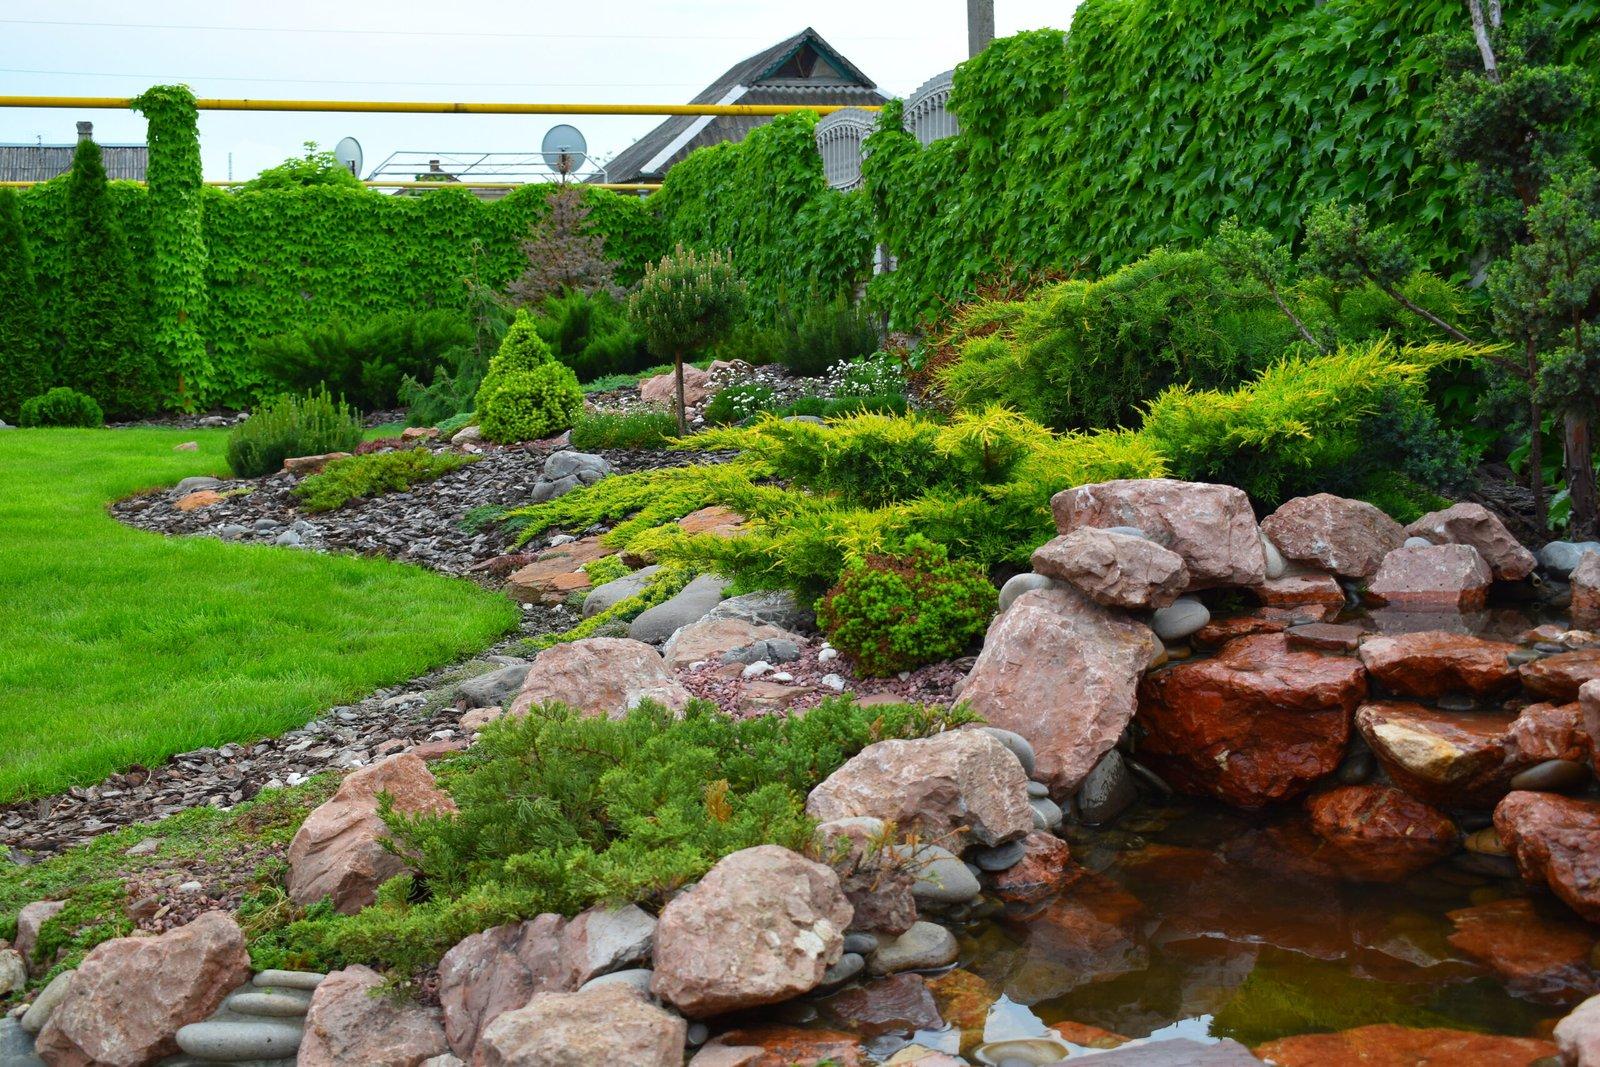 розарий, цветник, пейзажный стиль озеленения, реализация озеленения,